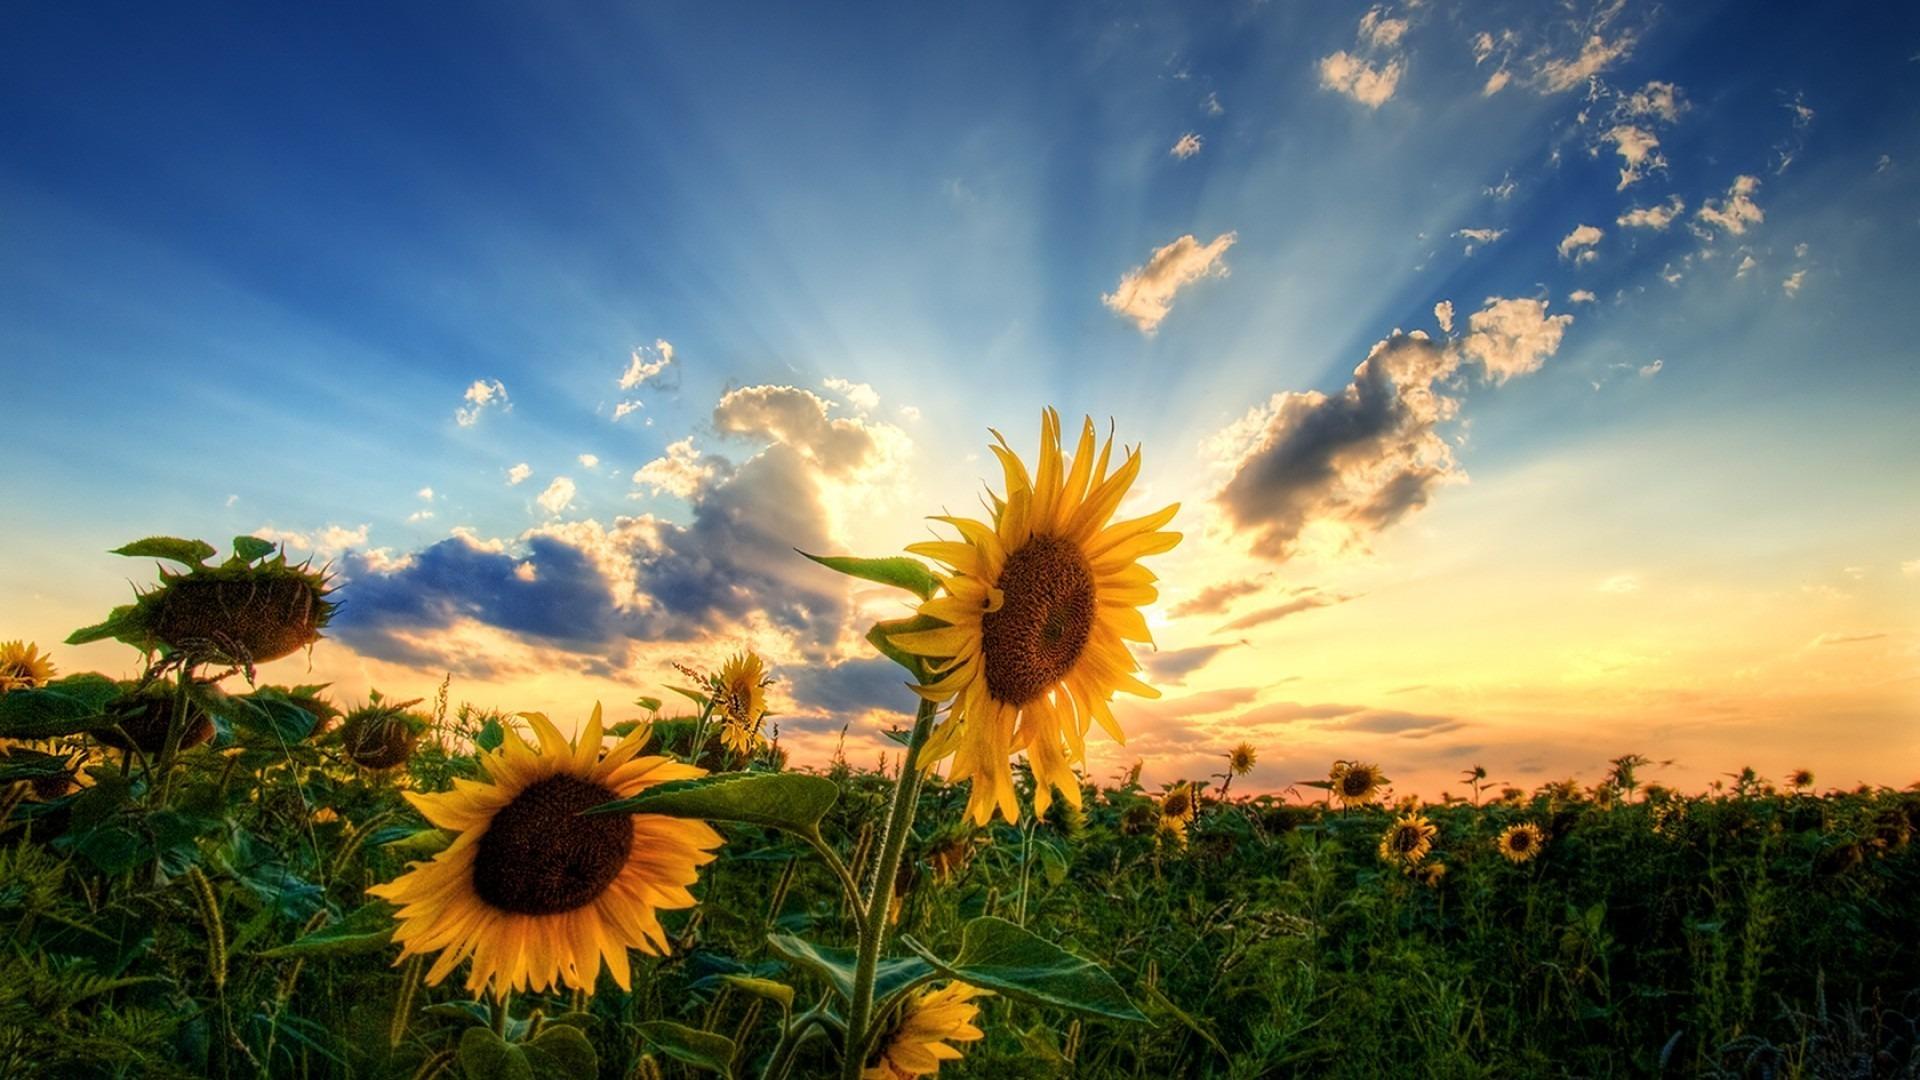 Sunflowers Field hd Wallpaper summer full hd light download 1920x1080